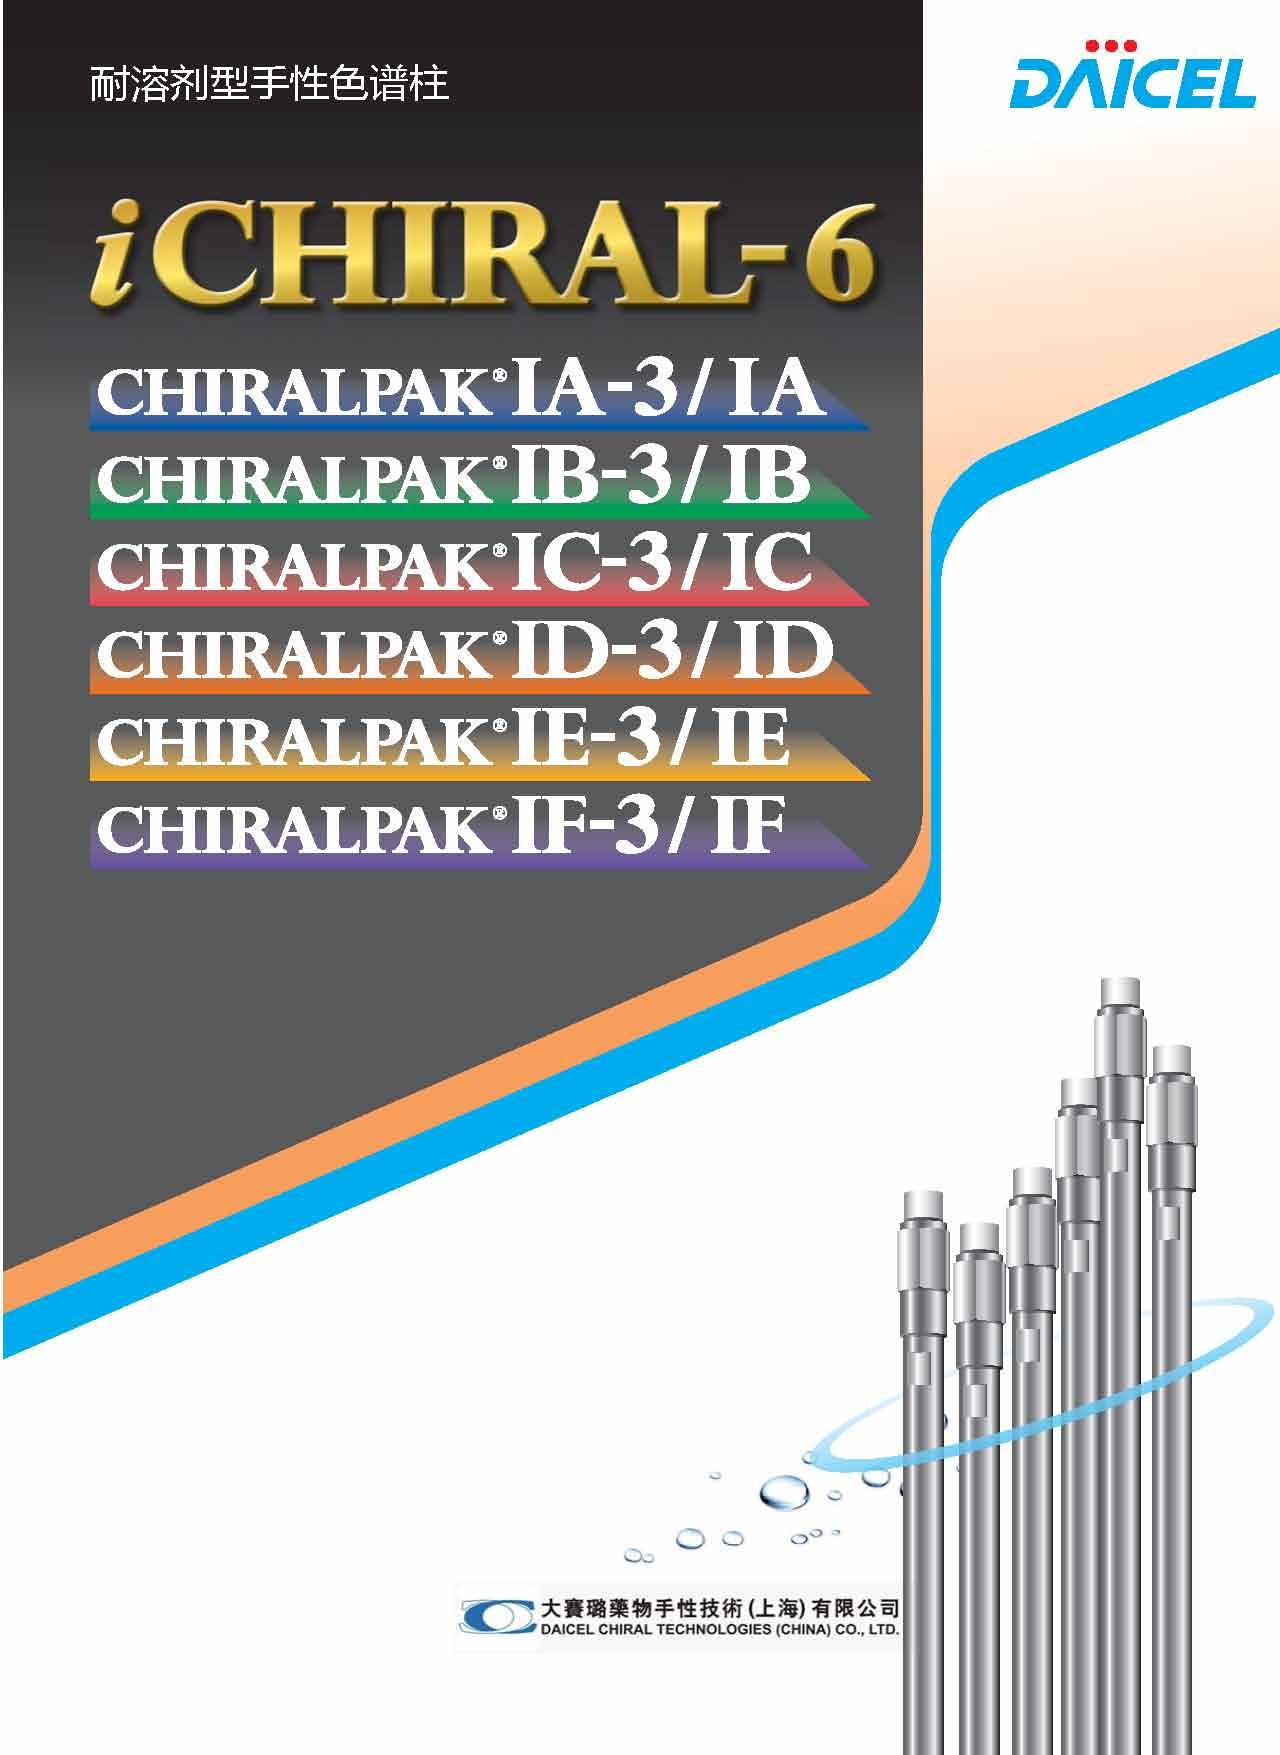 大赛璐键合型手性色谱柱CHIRALPAK® IC-3 / CHIRALPAK® IC